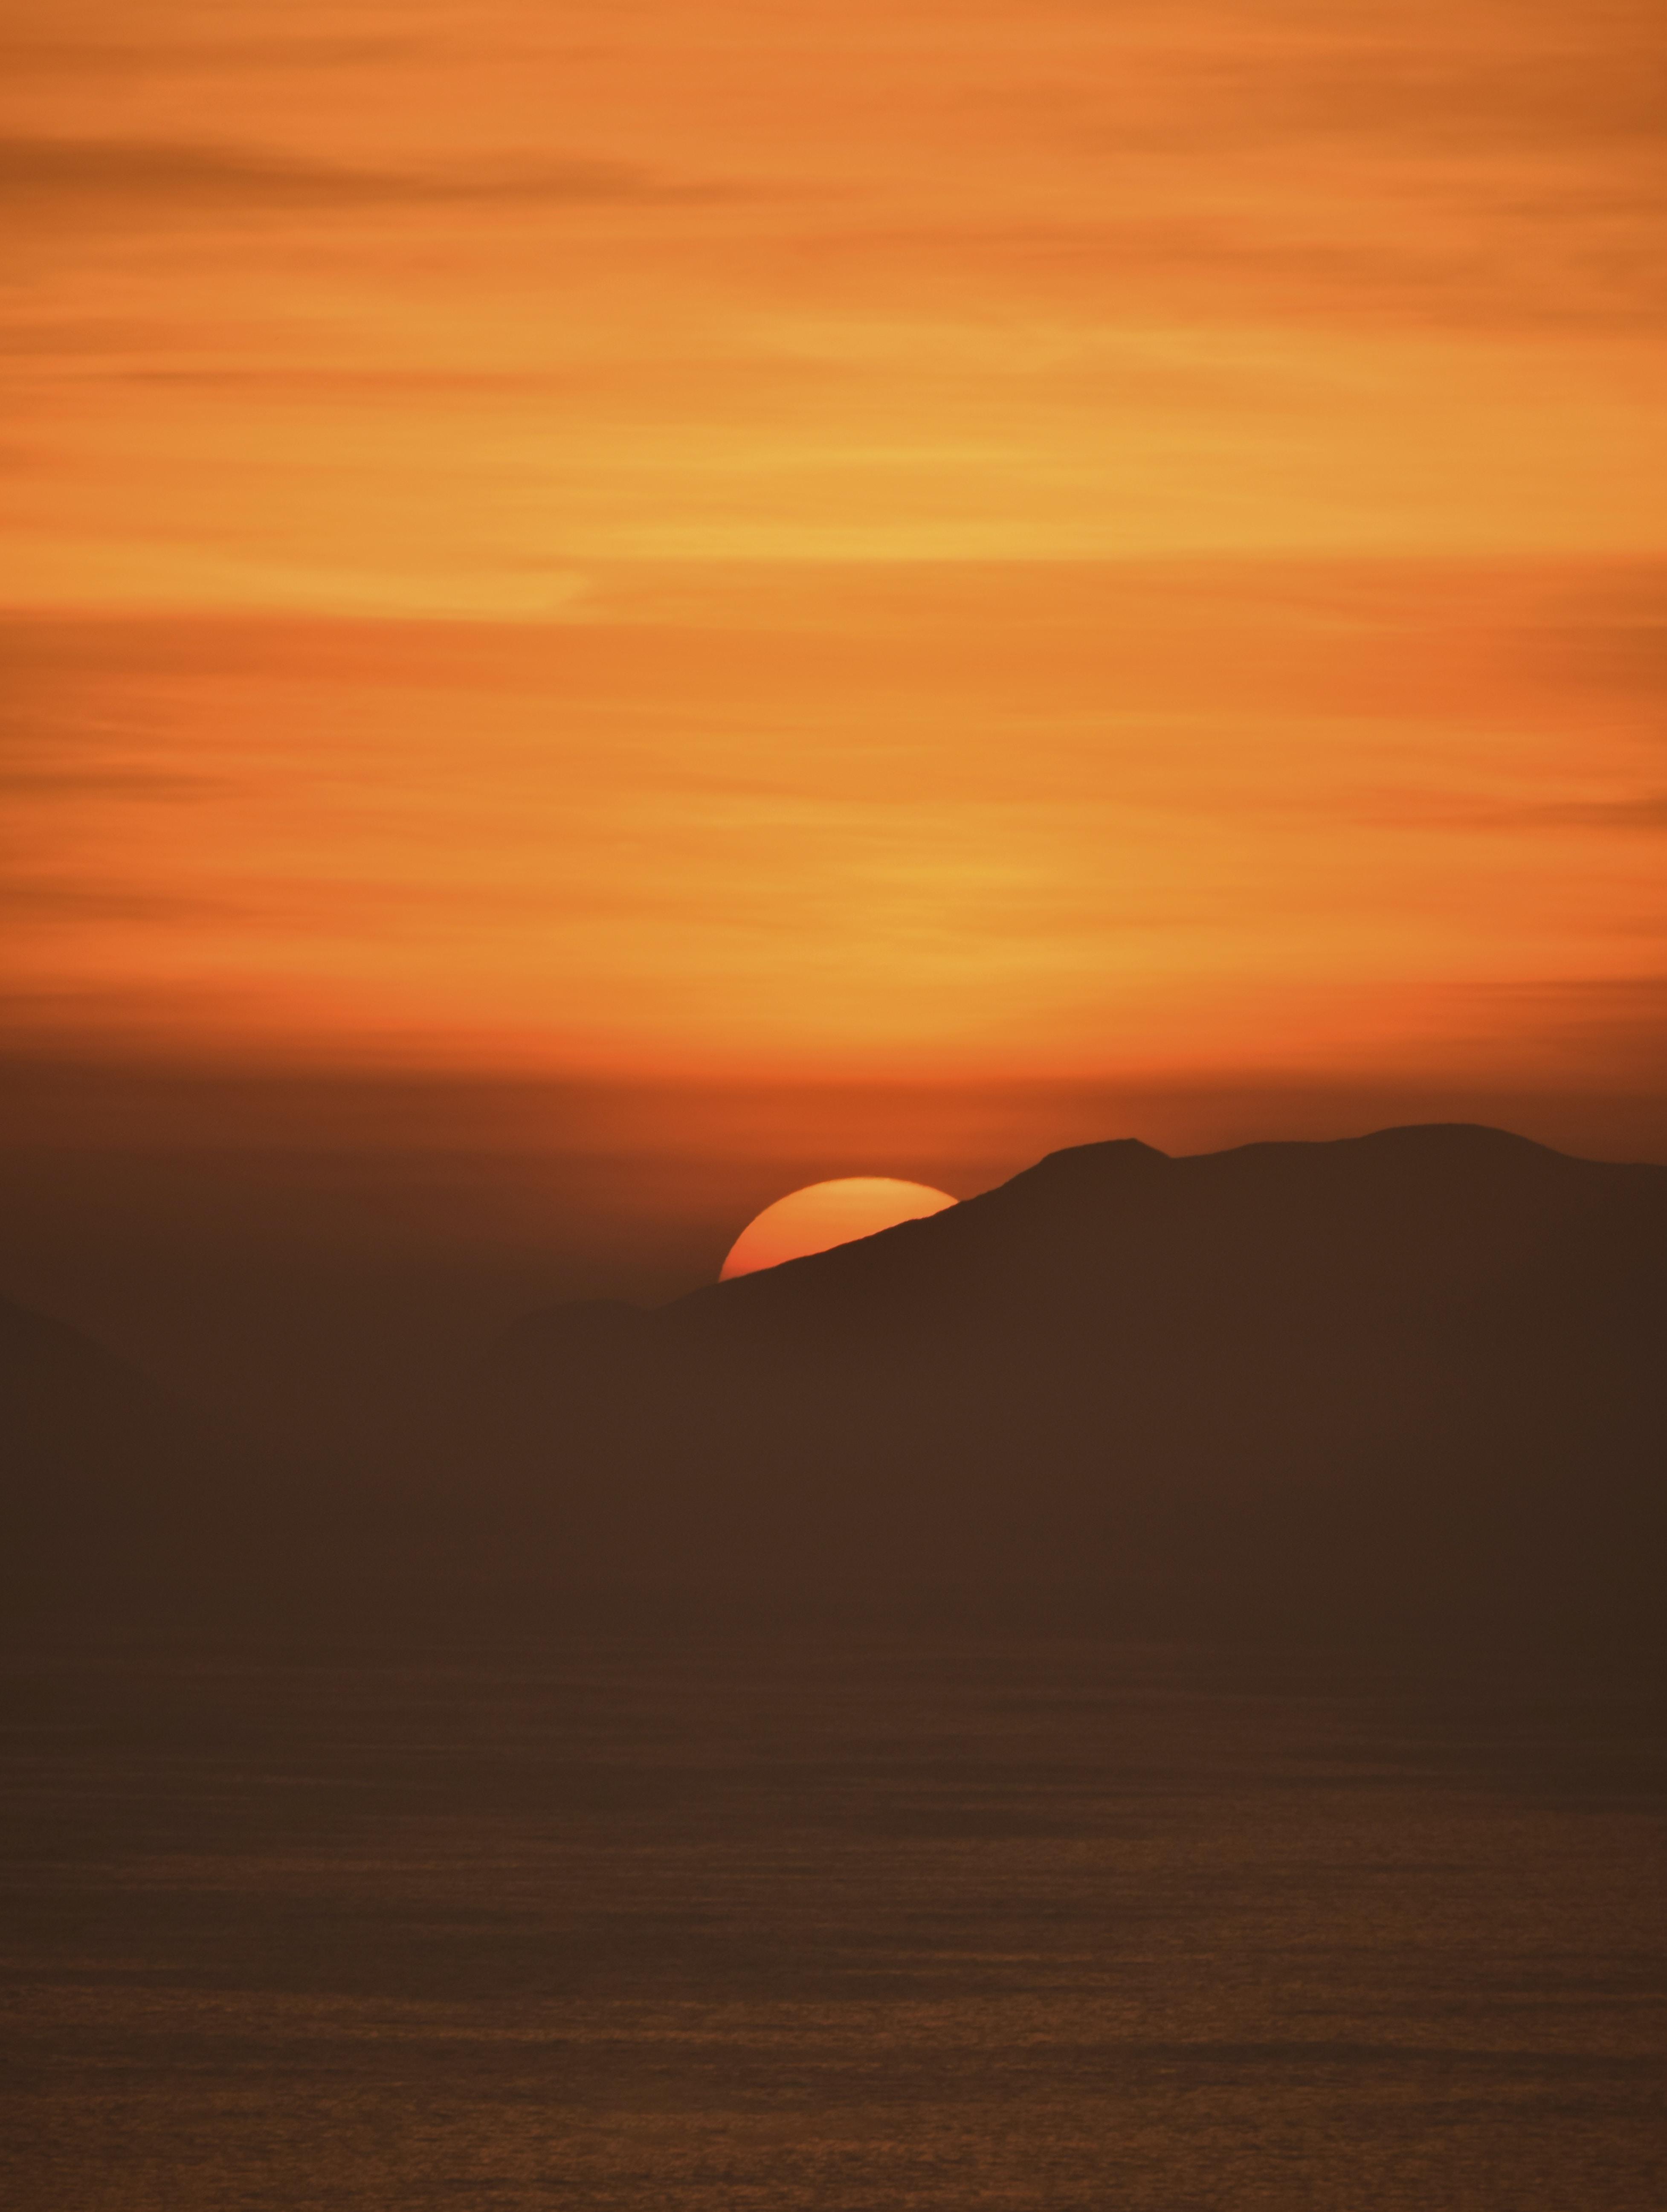 golden hour sun